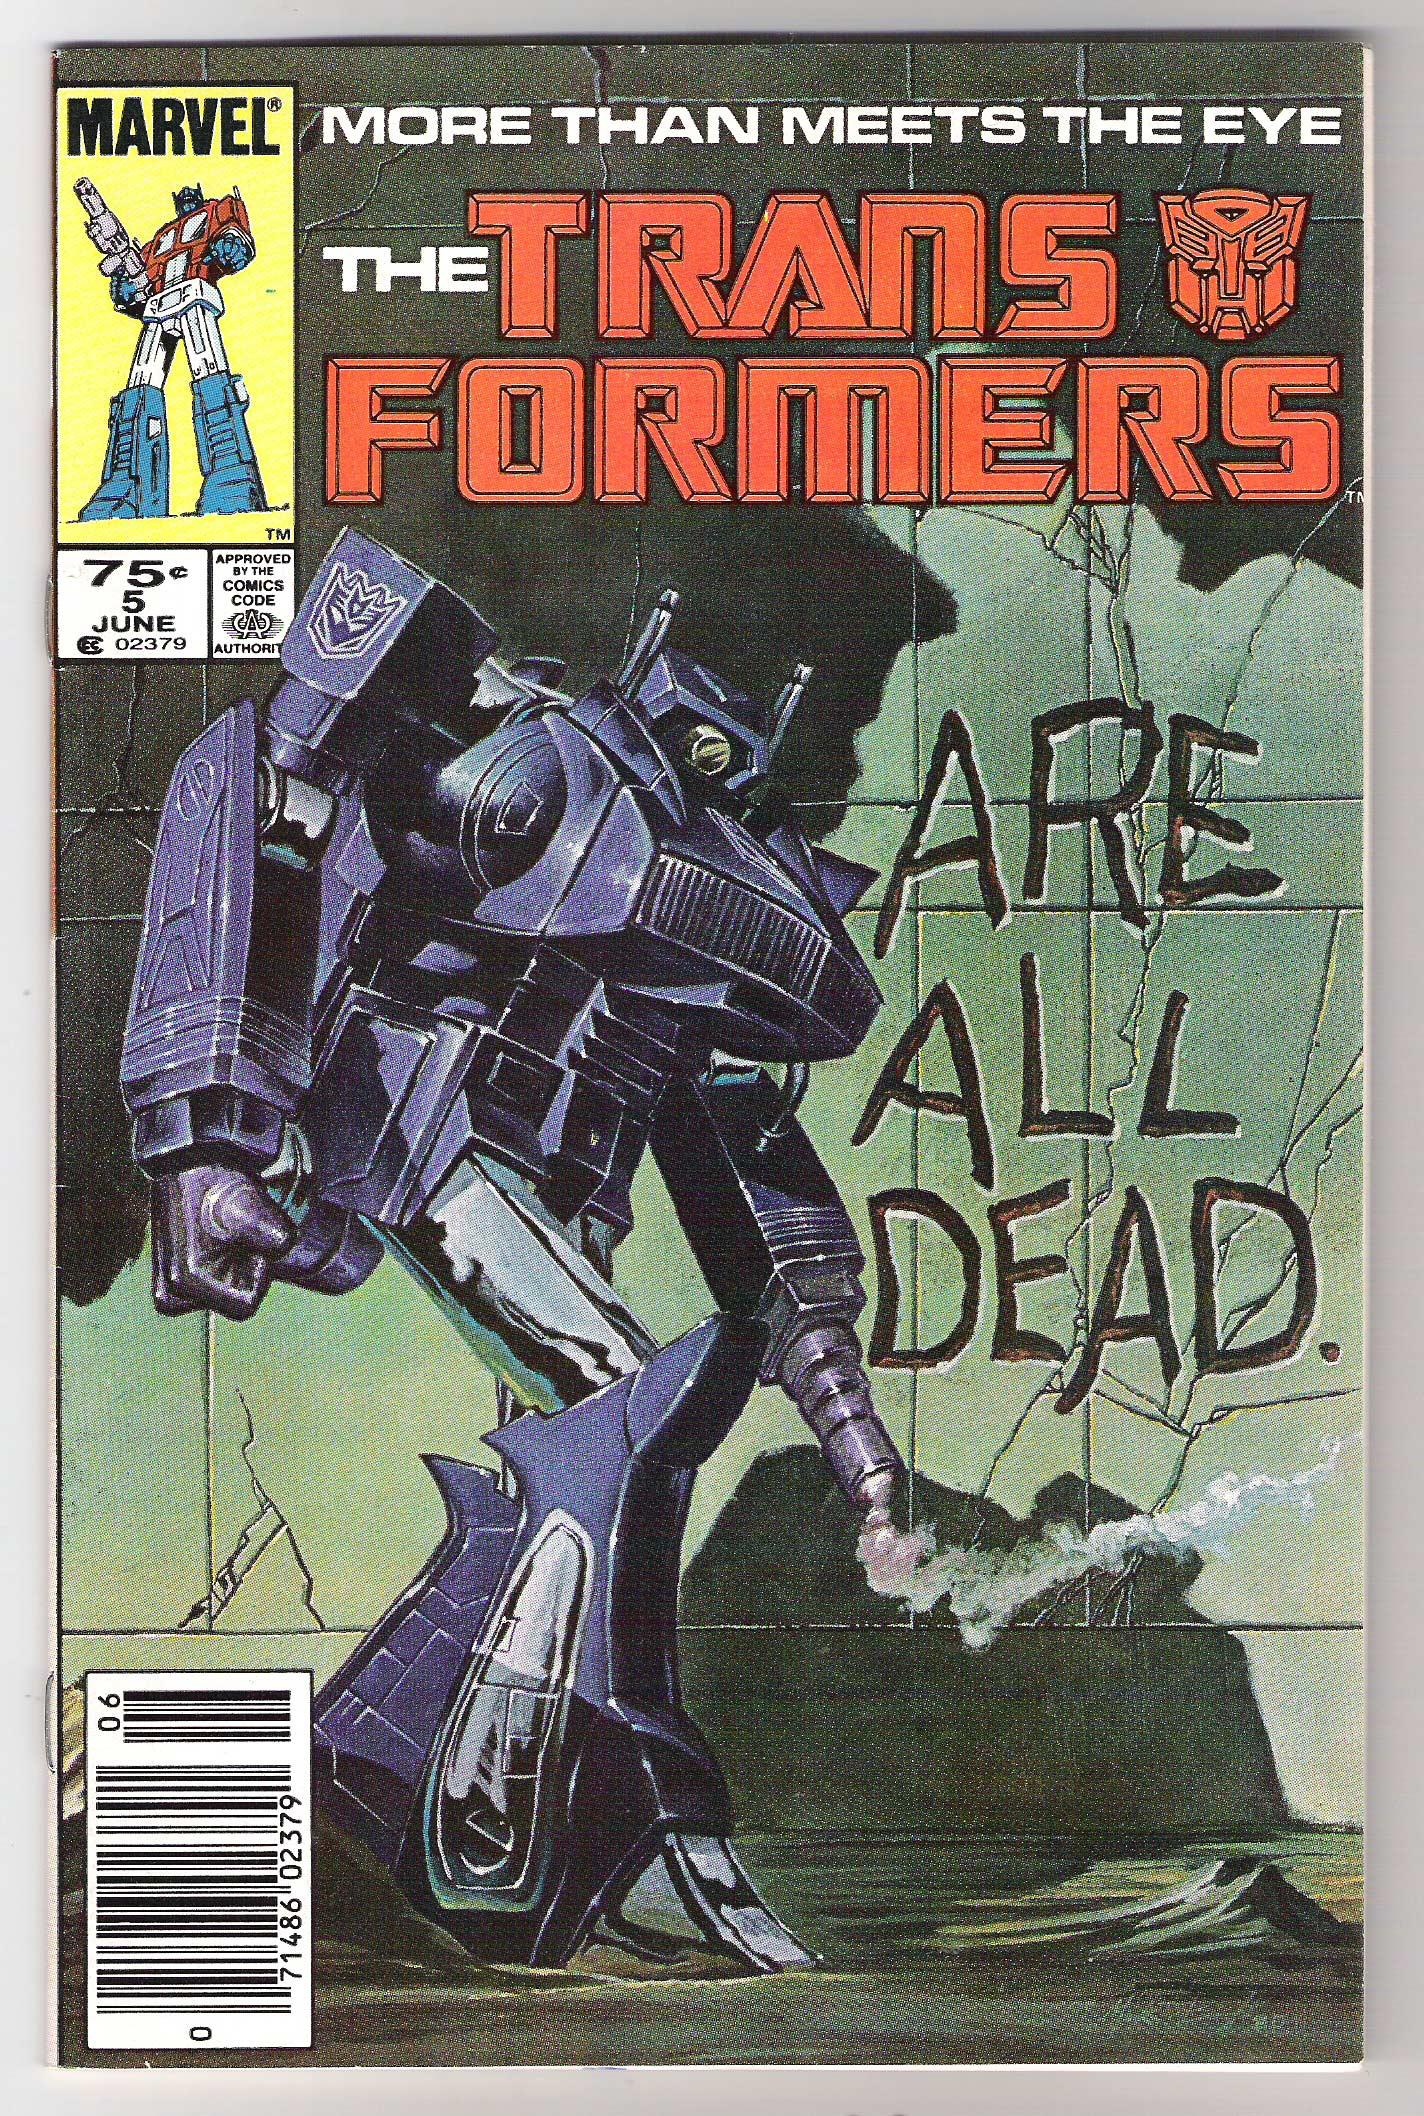 En los 80's, Marvel Comics publicó varios tomos de los transformers, incluyendo crossover con la serie hermana G.I. Joe. Actualmente es IDW publications quien trabaja en el comic.